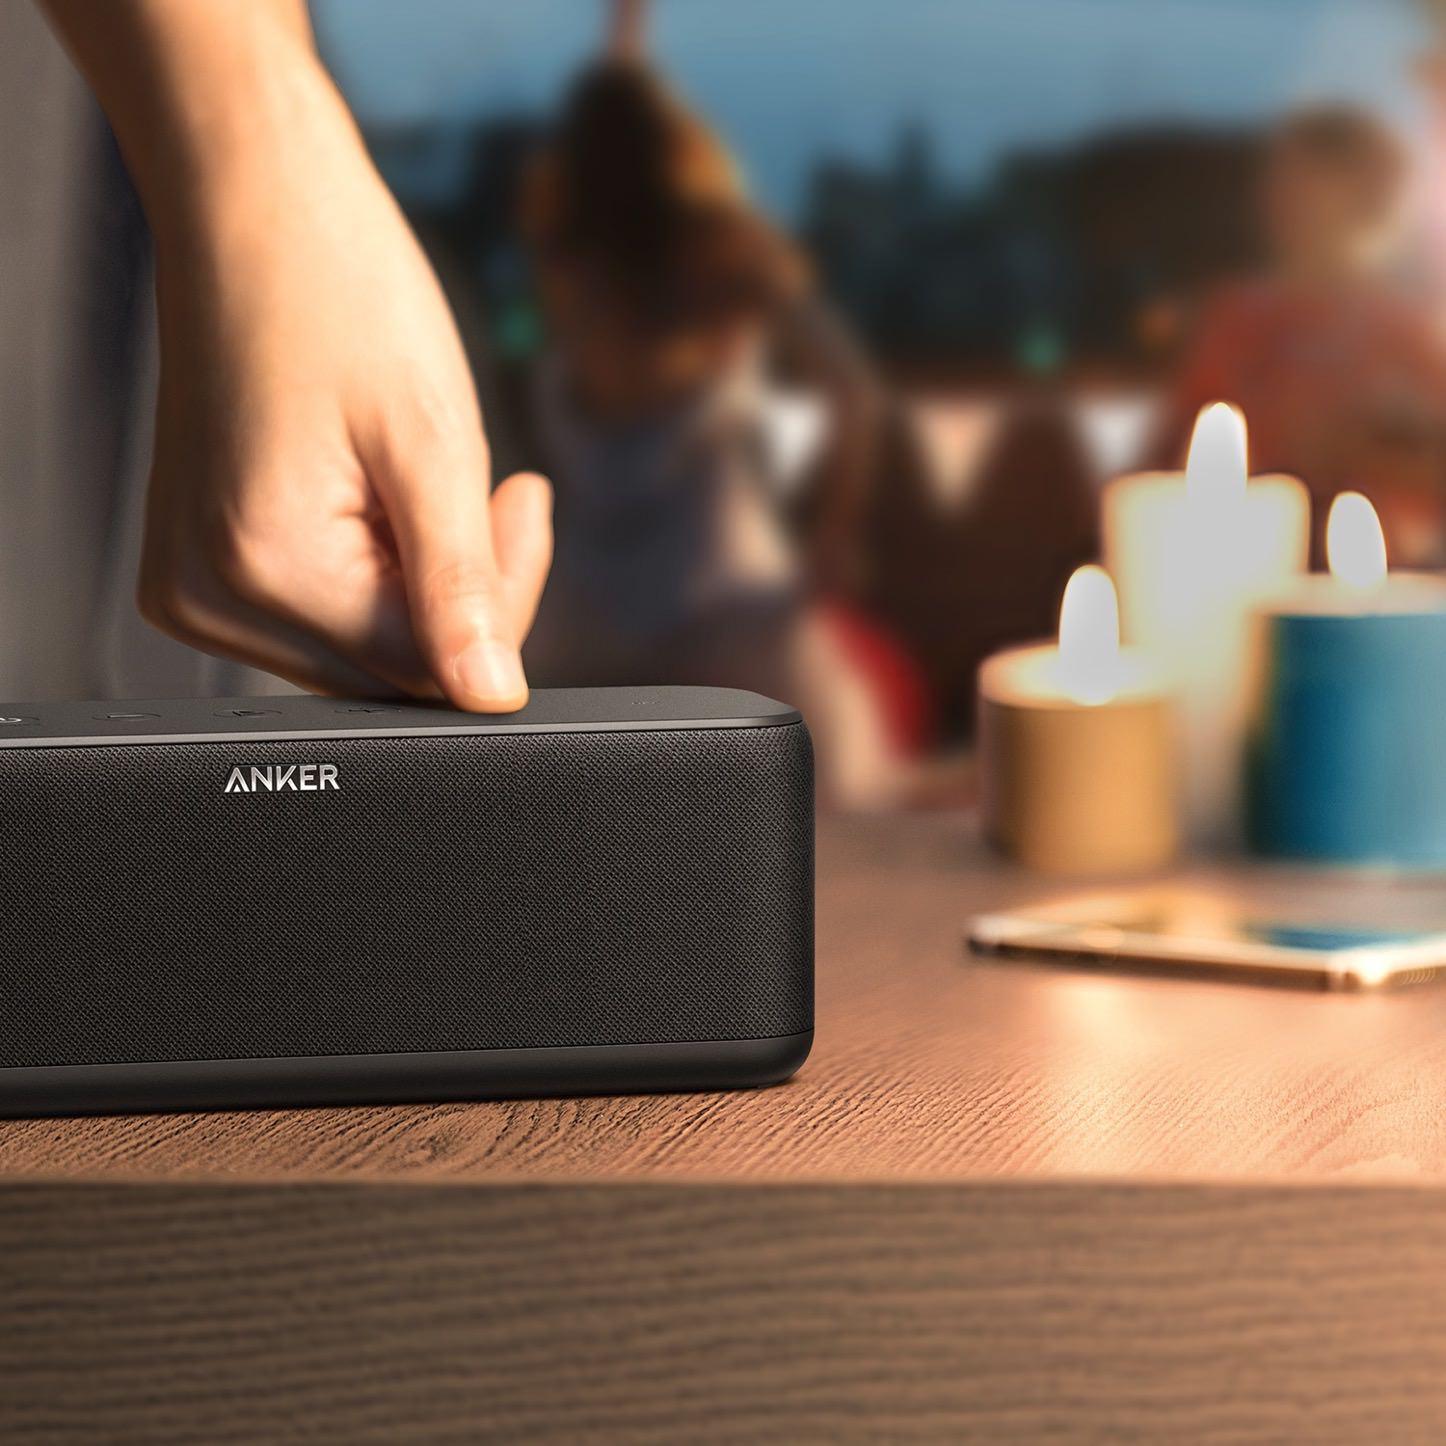 Anker SoundCore Boost Wireless Speakers